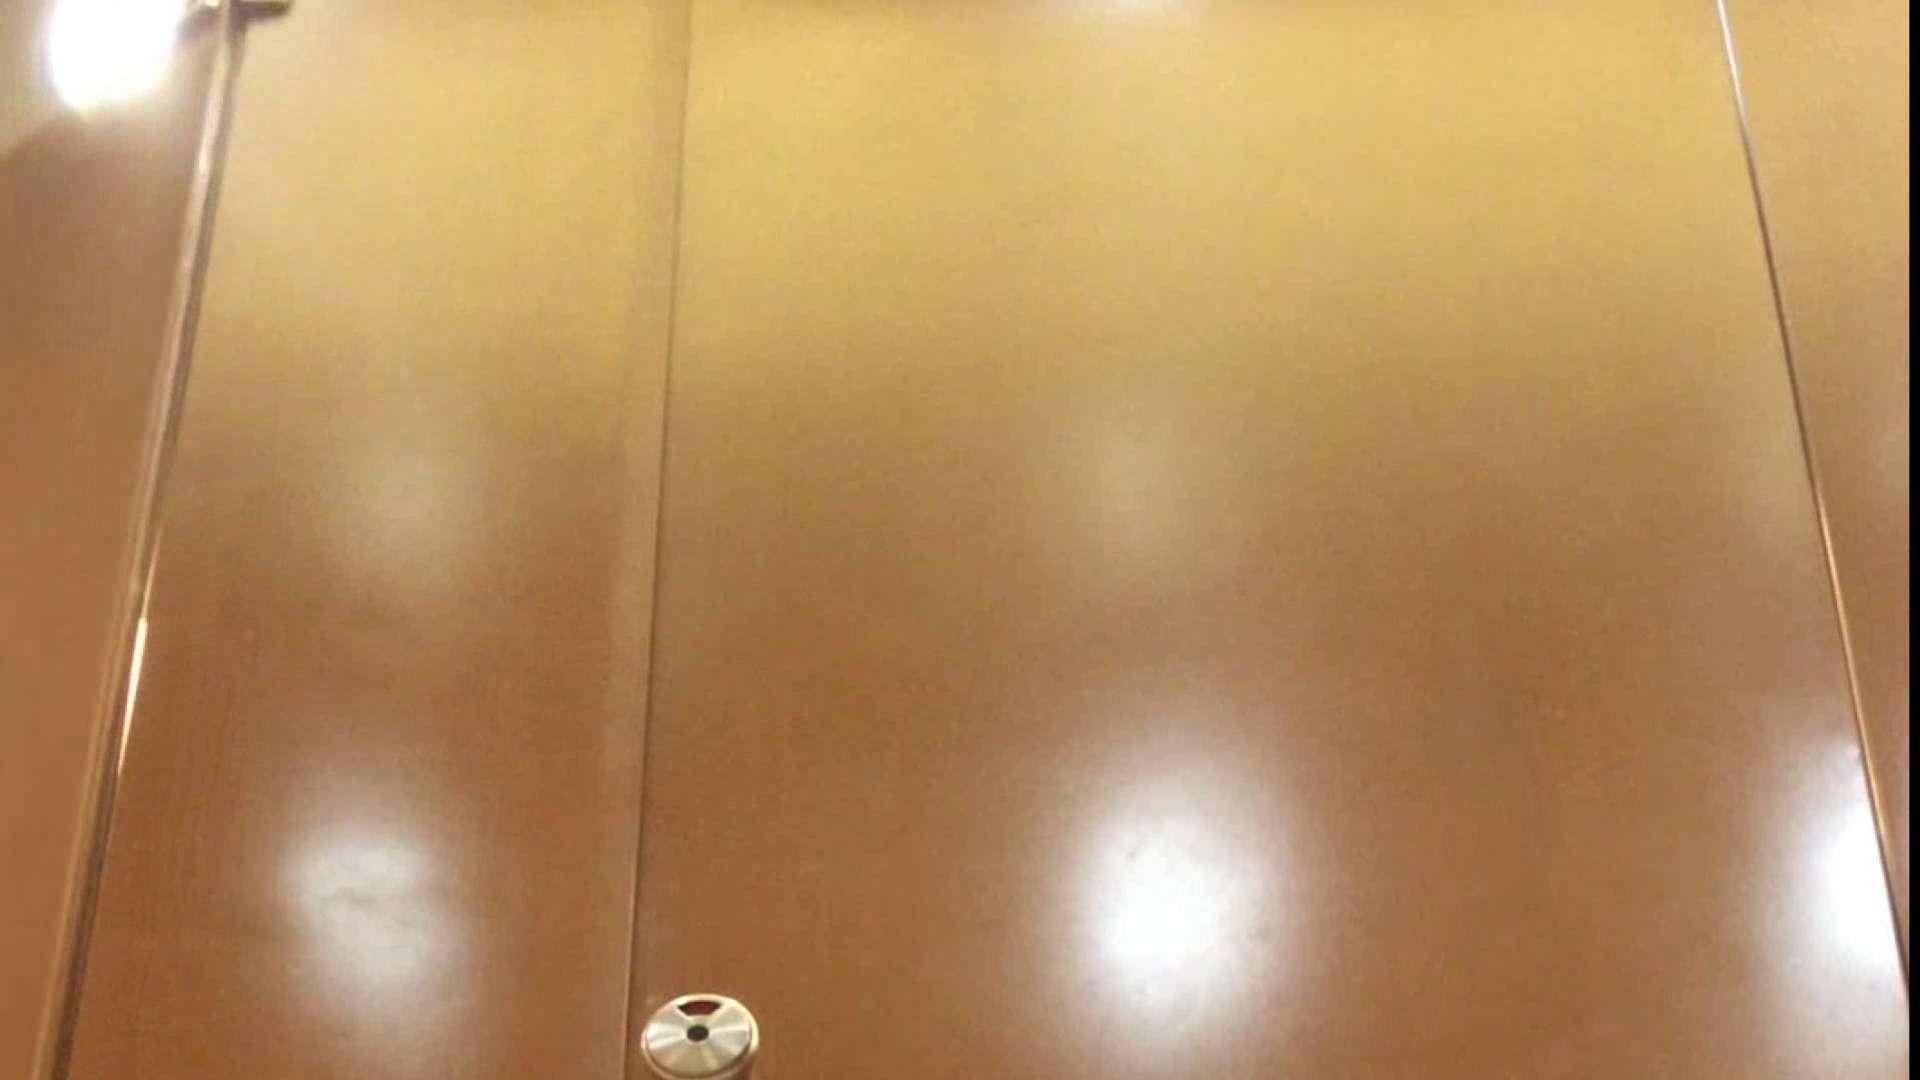 「噂」の国の厠観察日記2 Vol.01 美しいOLの裸体 | 厠隠し撮り  102pic 10